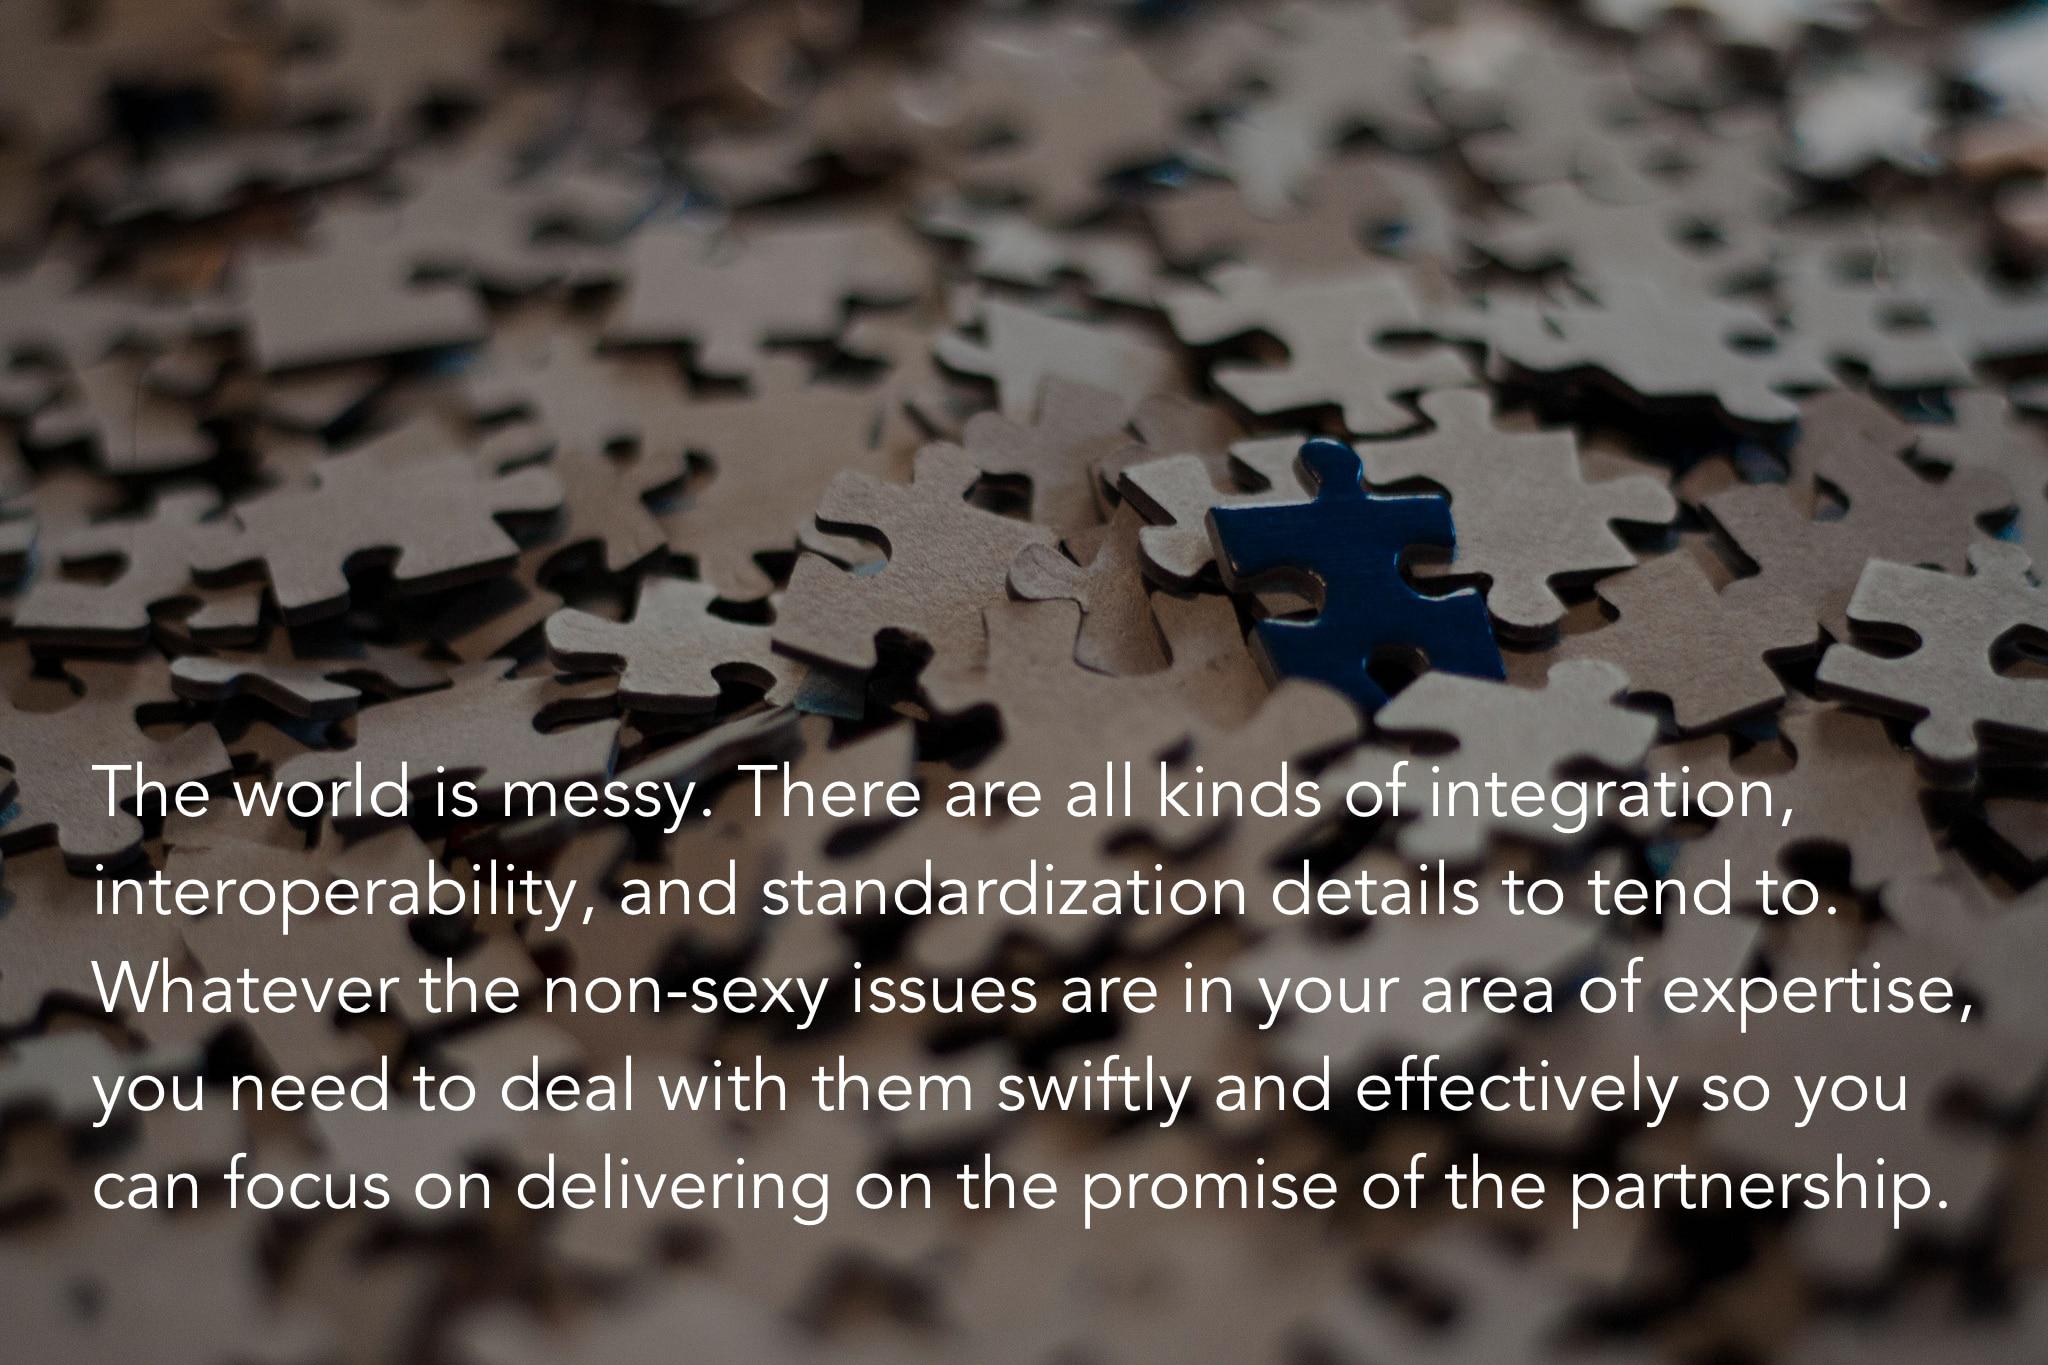 socrata partnership quote 2